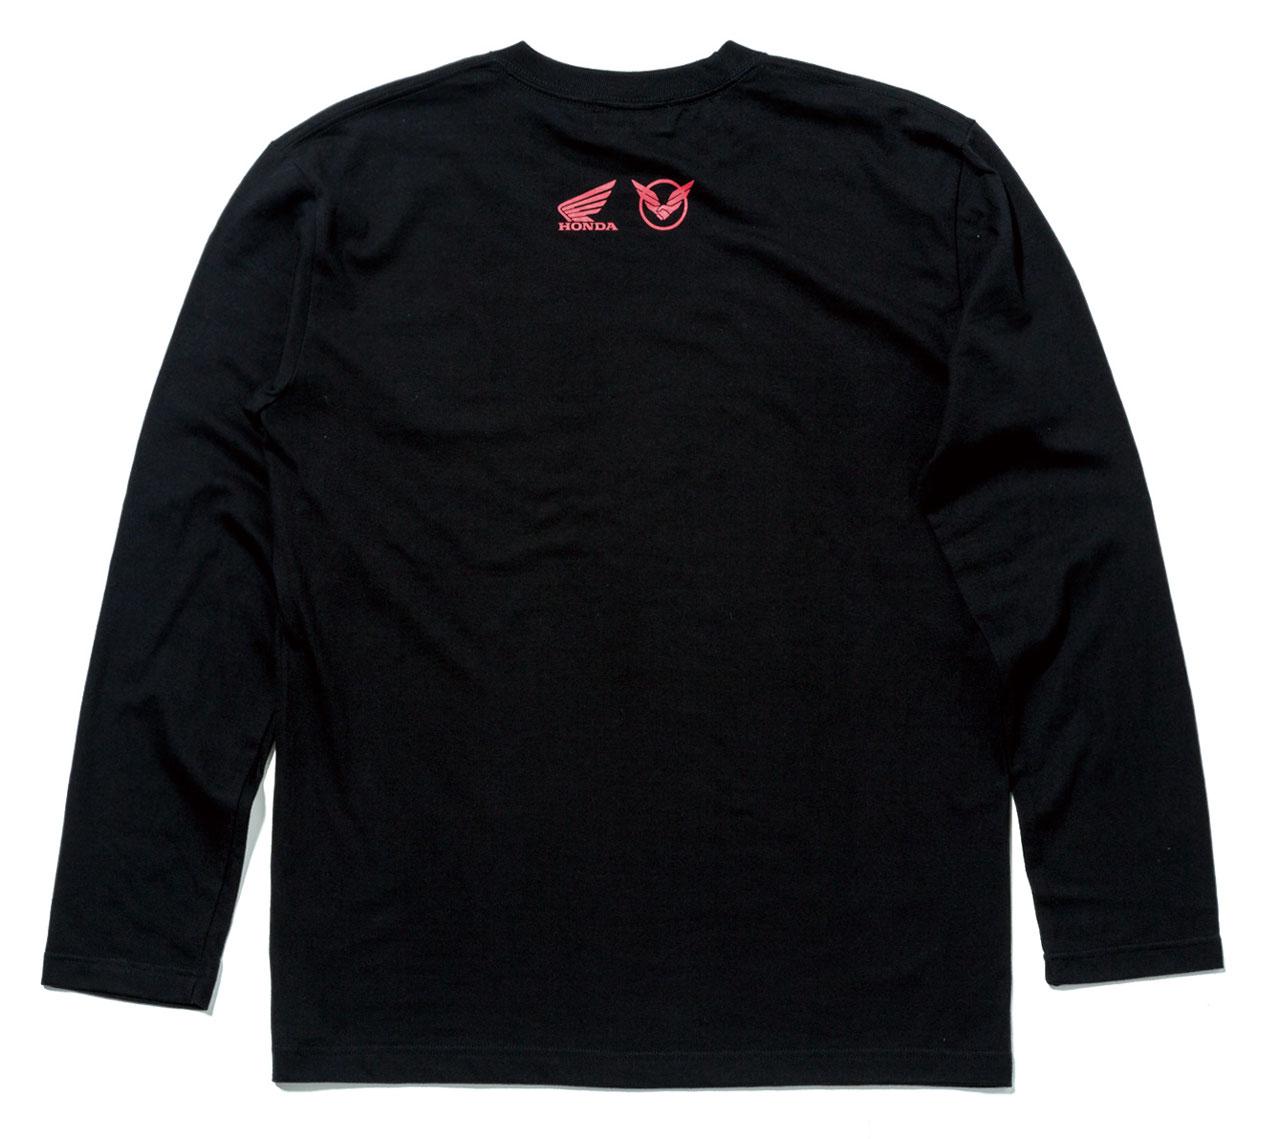 【HONDA RIDING GEAR】【HONDA×YOSHIDA ROBERTO】長袖 T恤「ISM」 - 「Webike-摩托百貨」